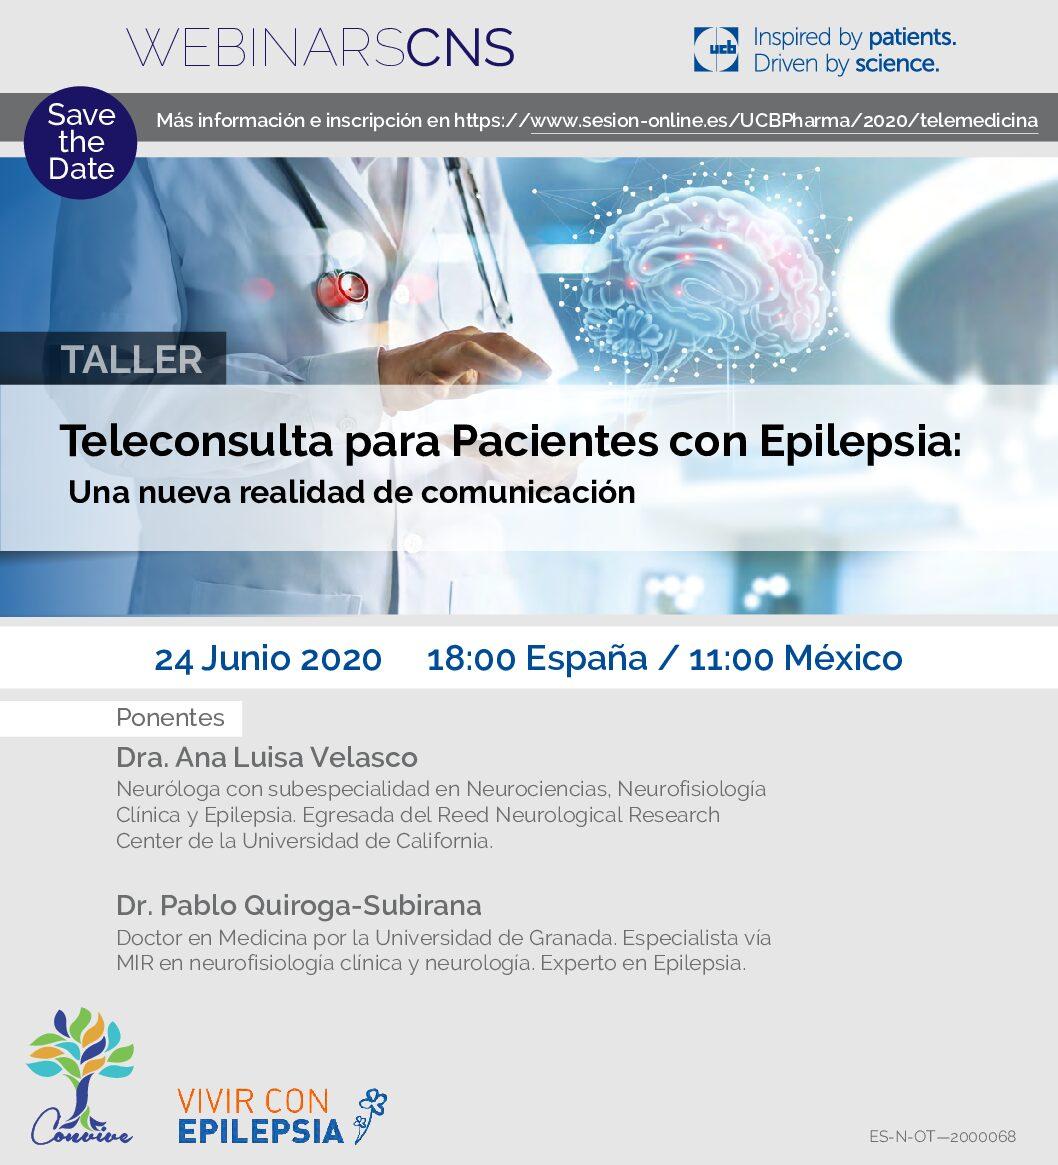 Teleconsulta para pacientes con Epilepsia: Una nueva realidad de comunicación